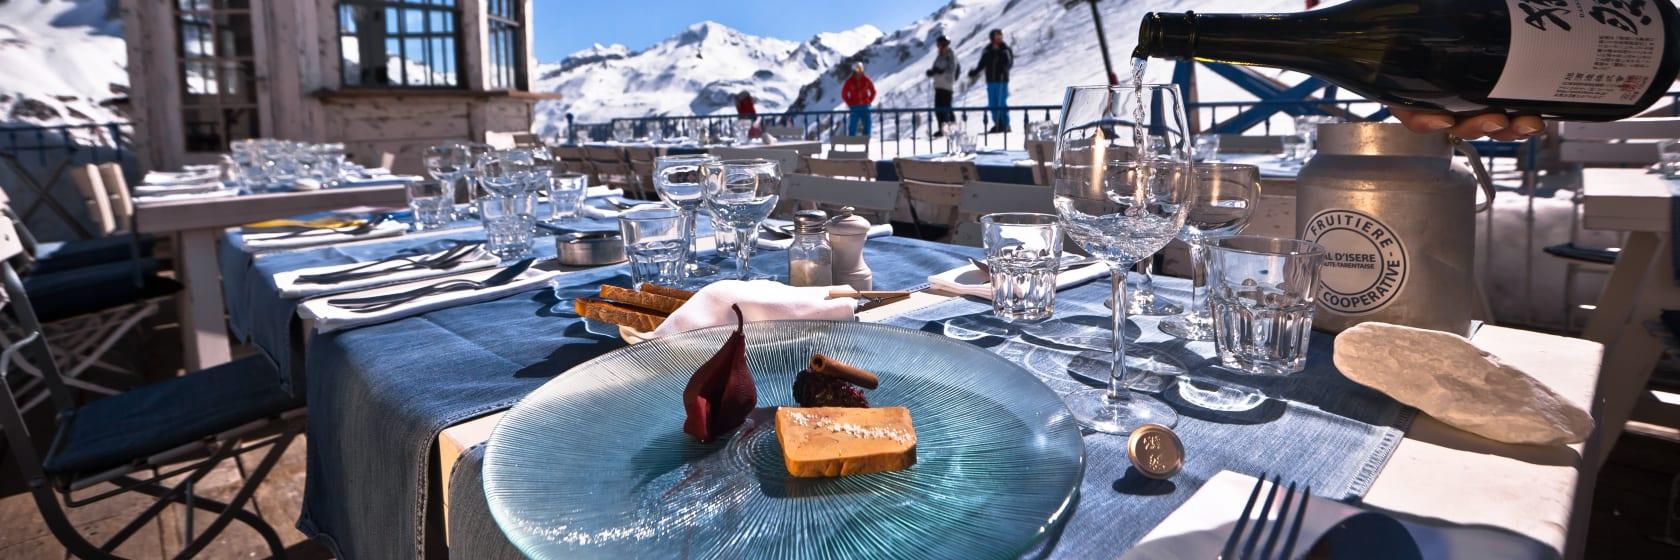 Frokost udendørs i solen på restaurant med mad og vin på skiferie i Val d Isère